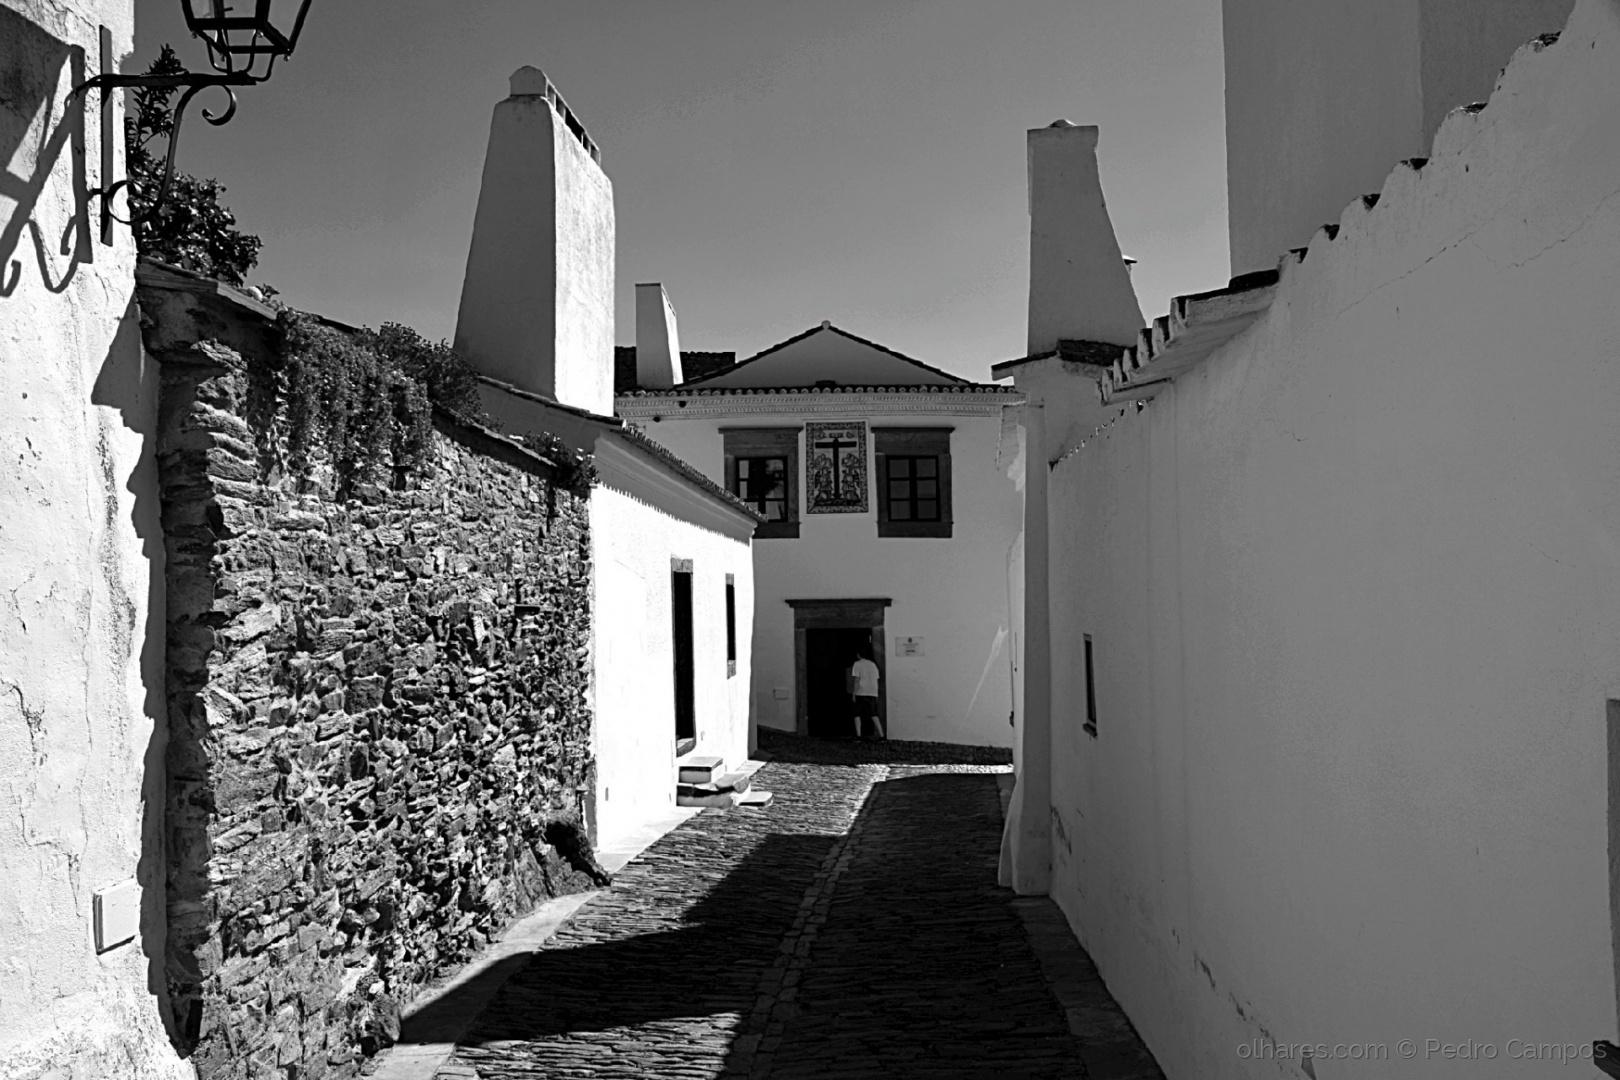 Paisagem Urbana/Ruas de Portugal